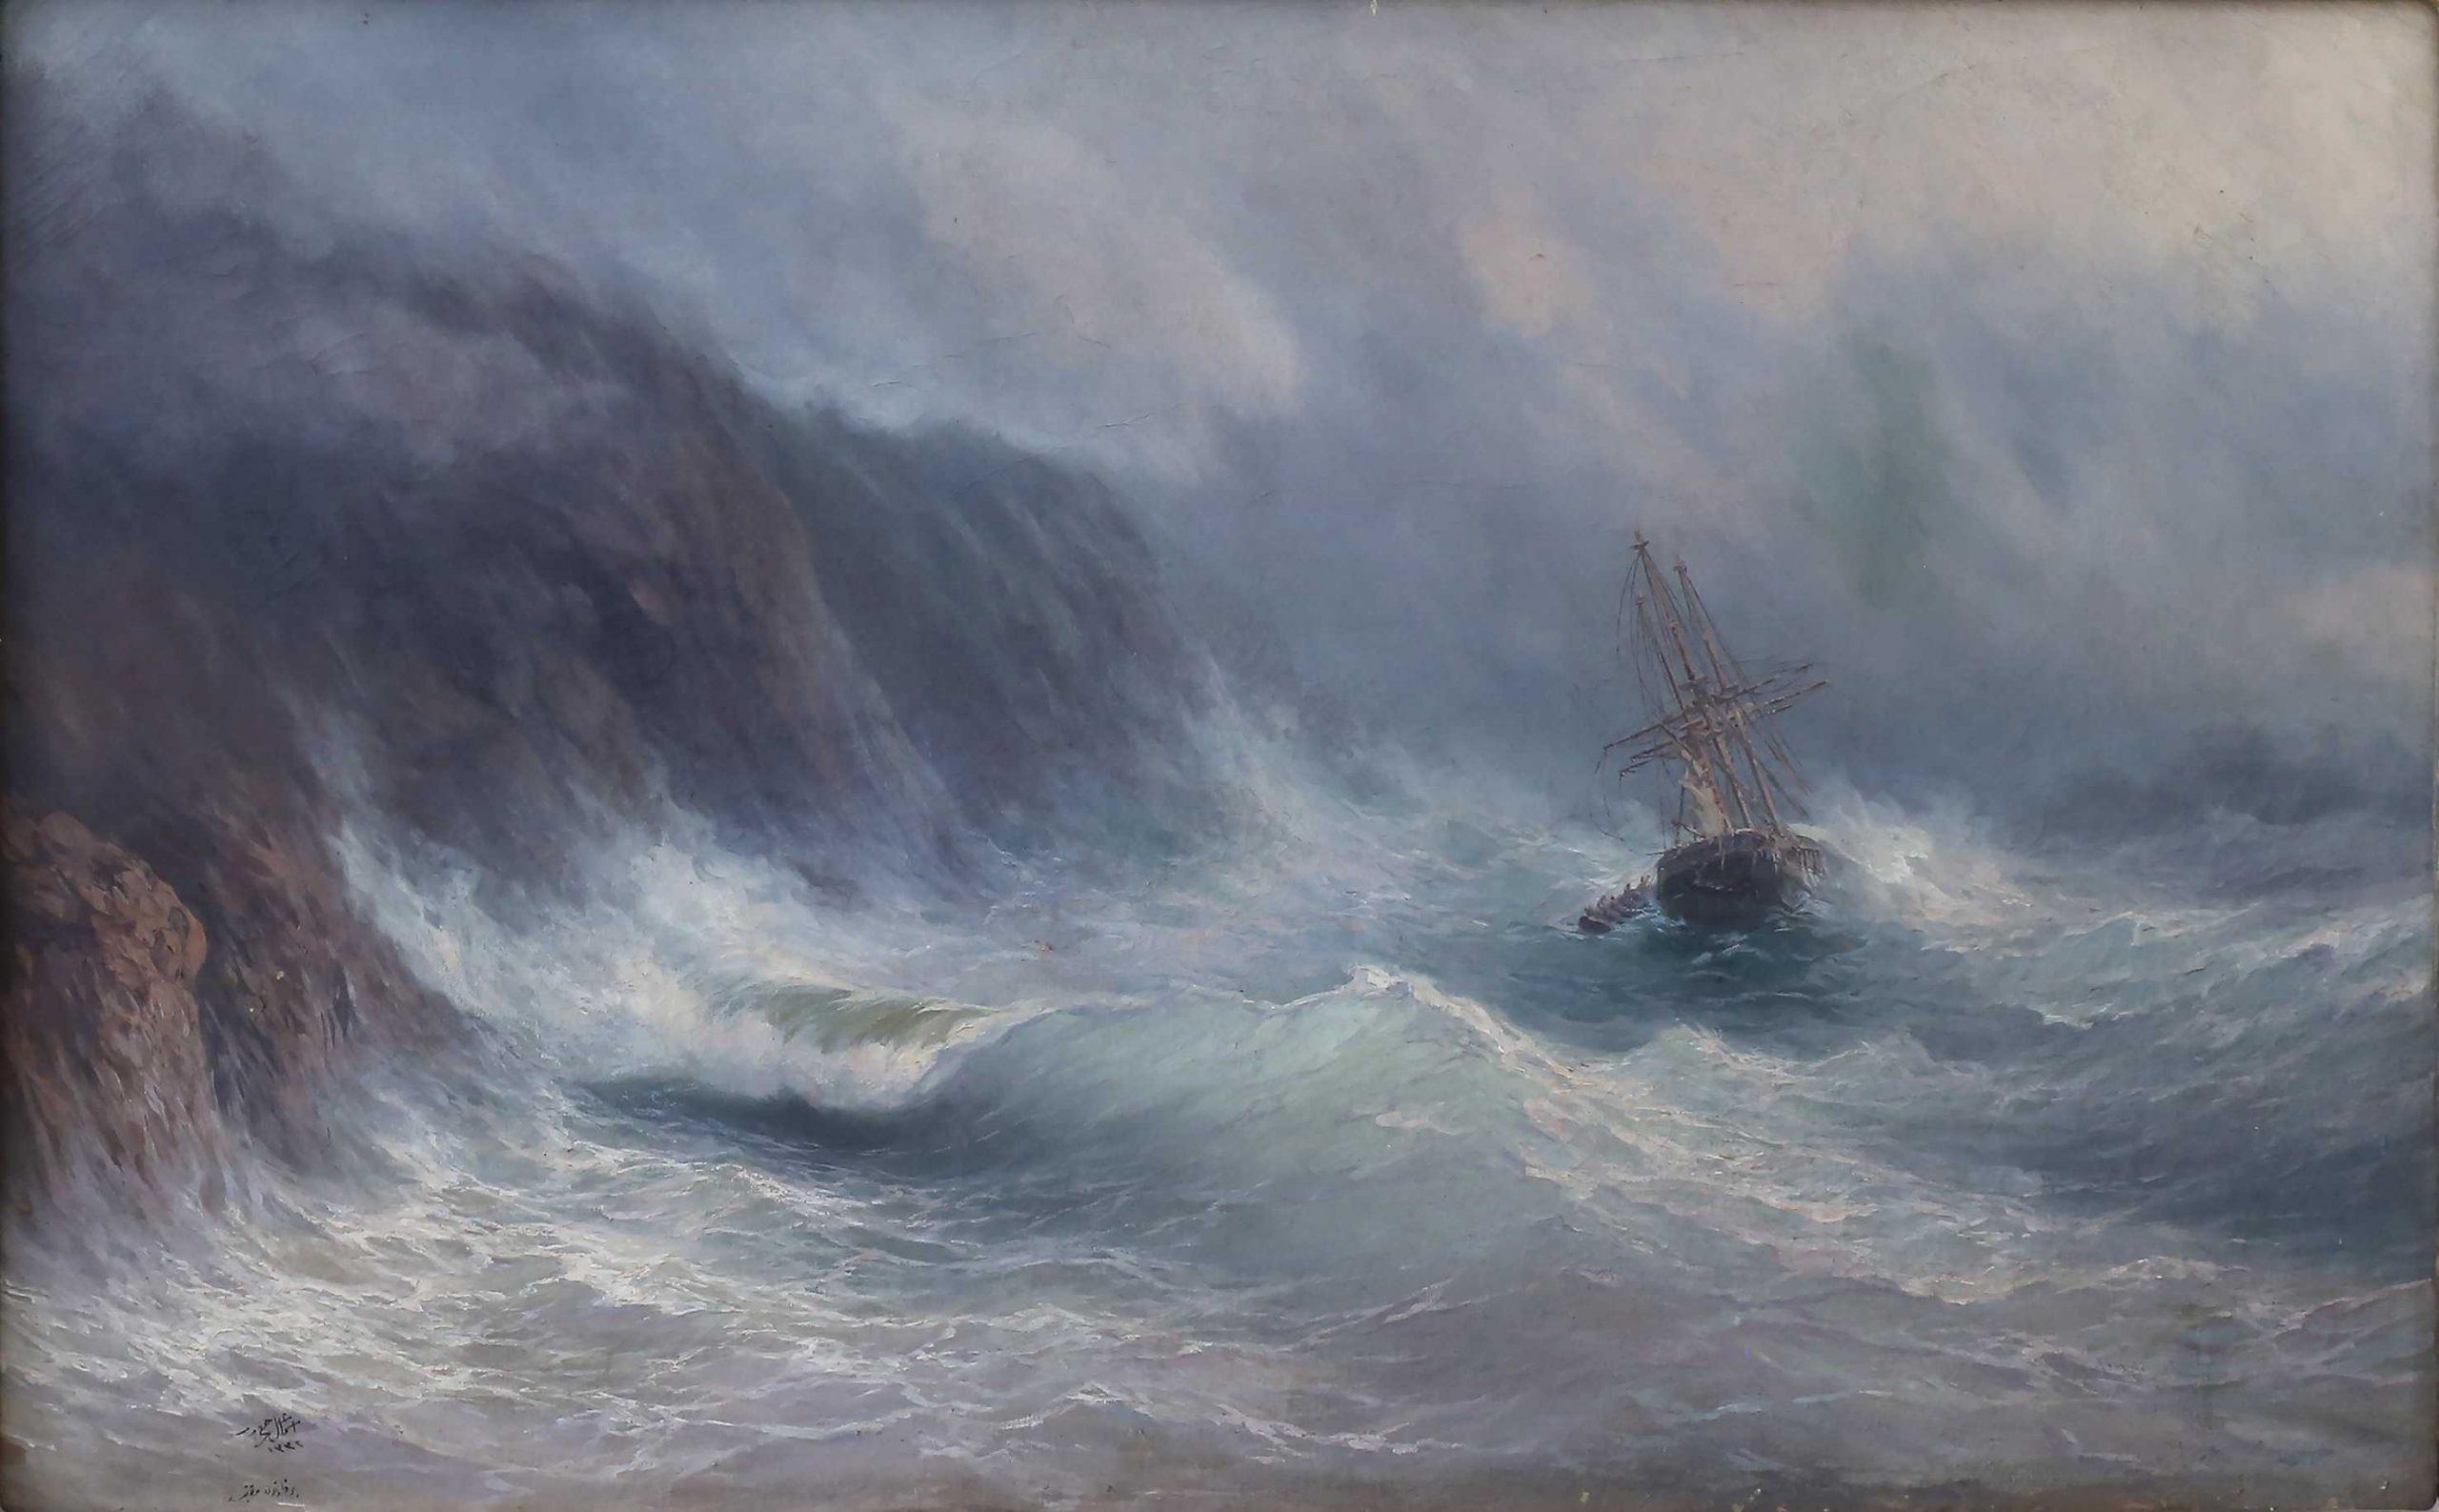 Meteorolojik Uyarı Denizlerde Fırtına Bekleniyor